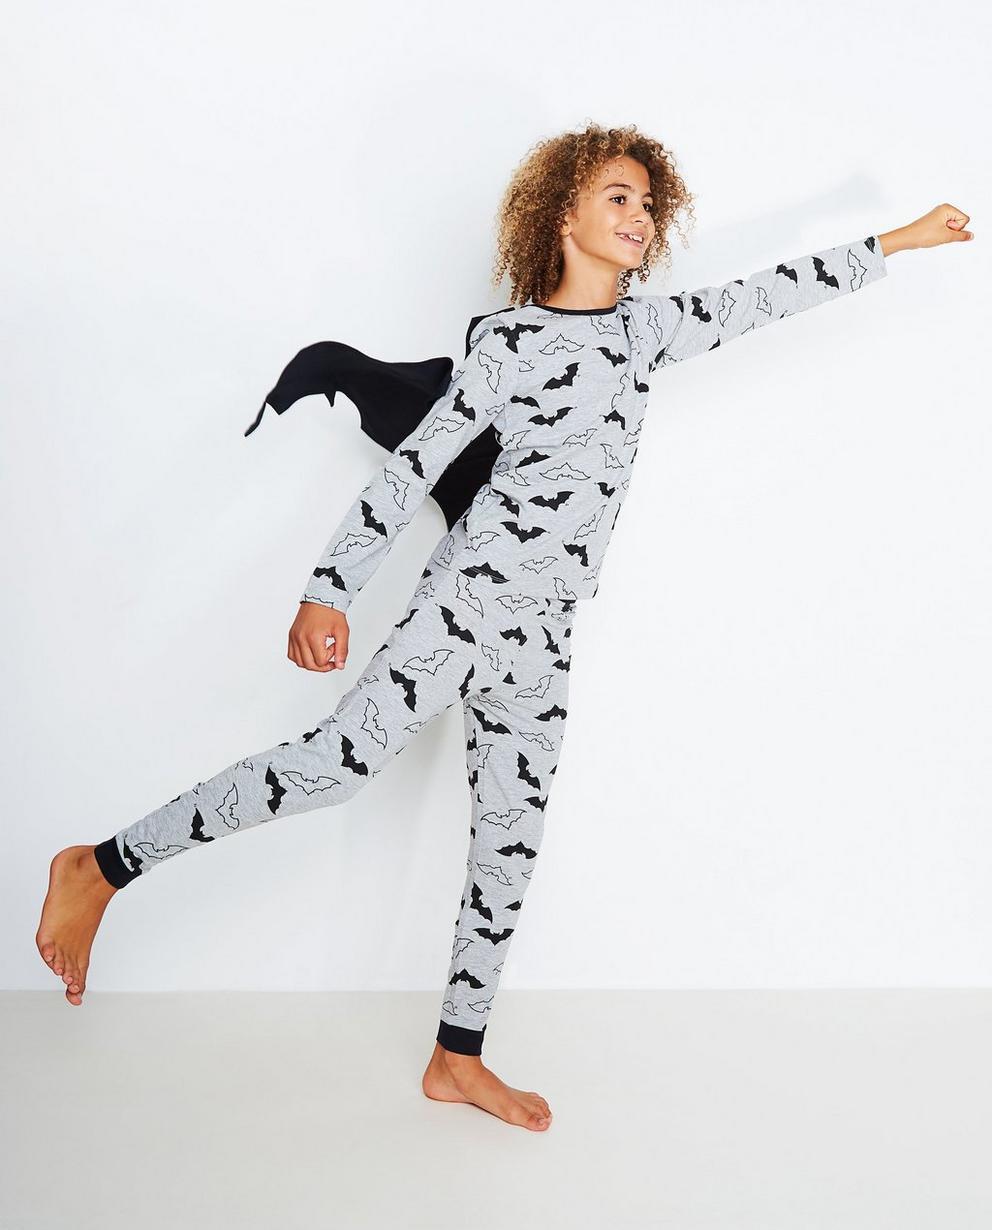 Schlafanzug für Jungen - mit Fledermausprint und Kapuze, von Nachtwache - Nachtwacht